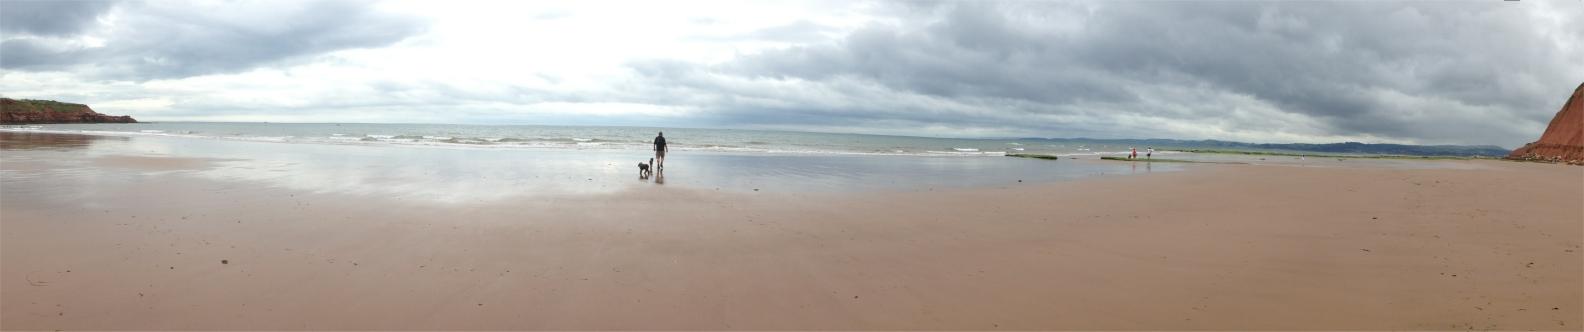 exmouth beach panorama 1584